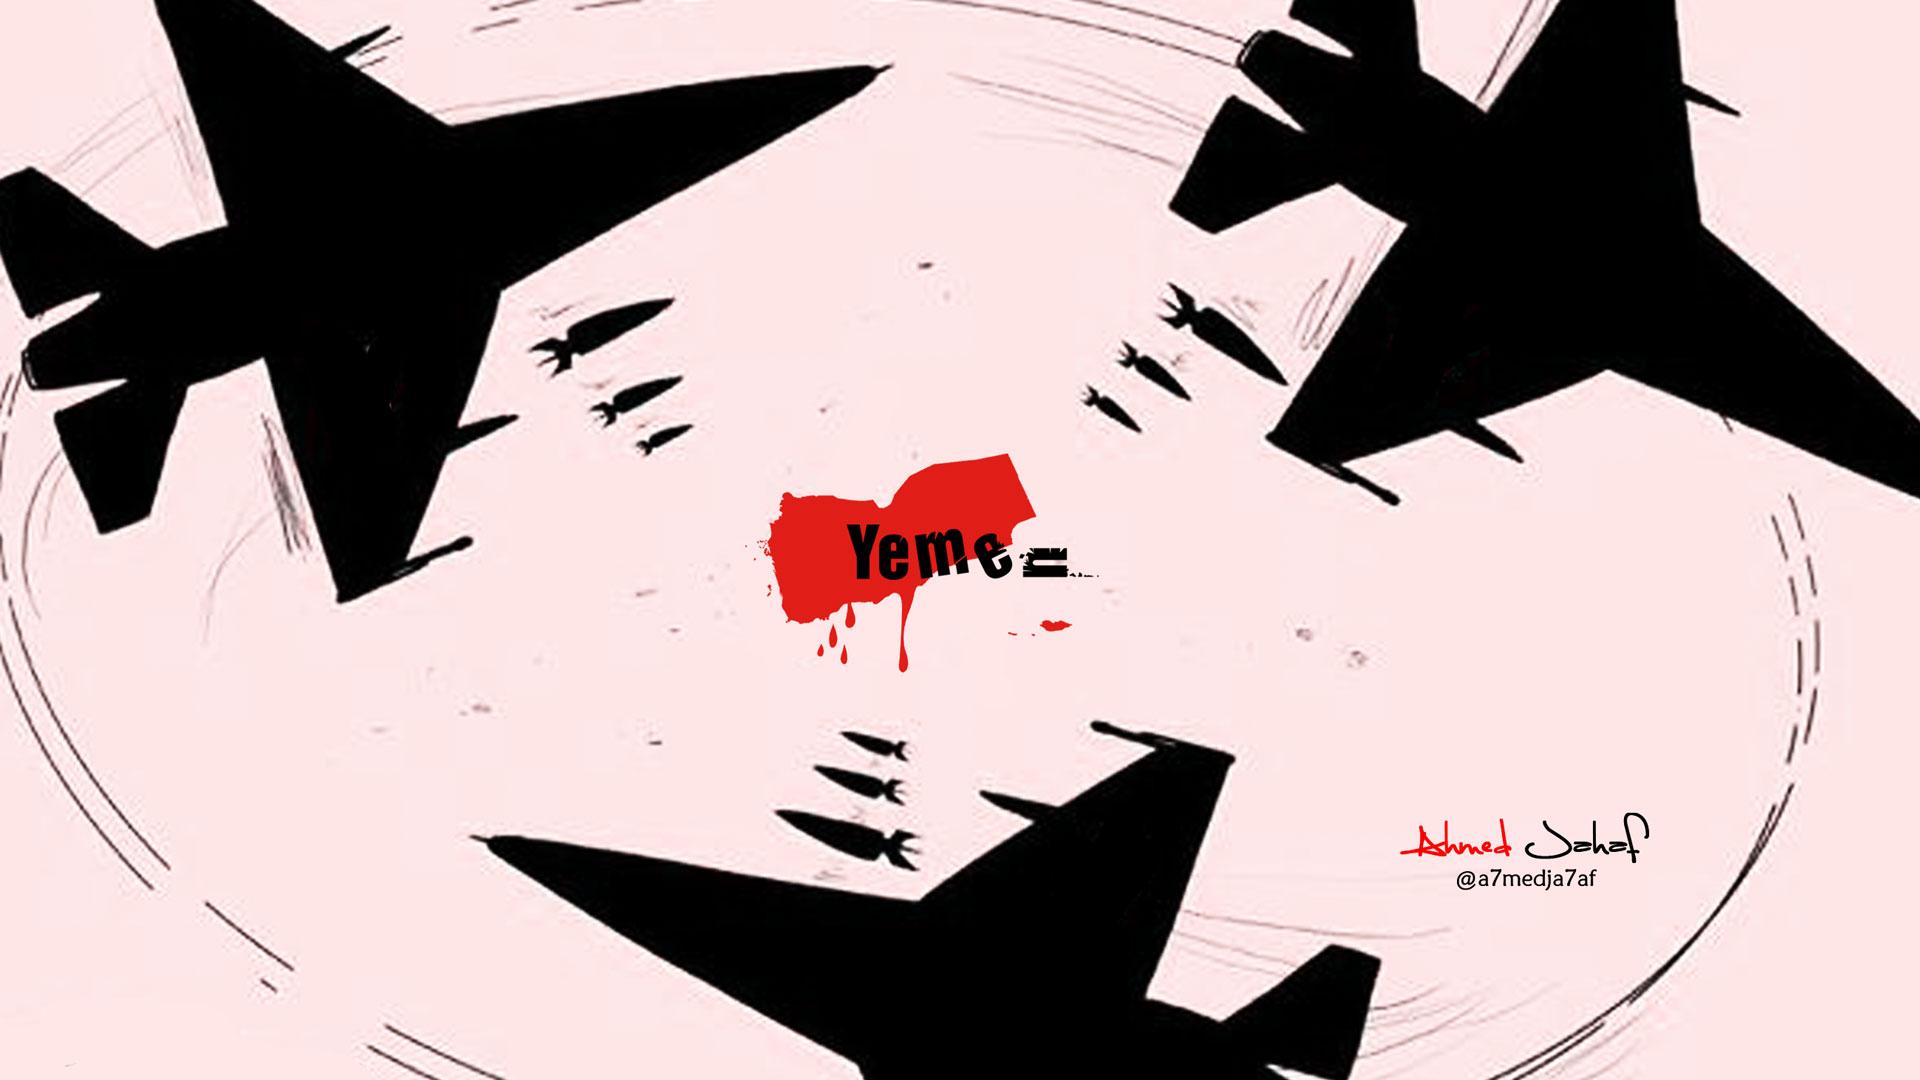 yemen-fly-bombs-ahmed-jahaf-digital-2016